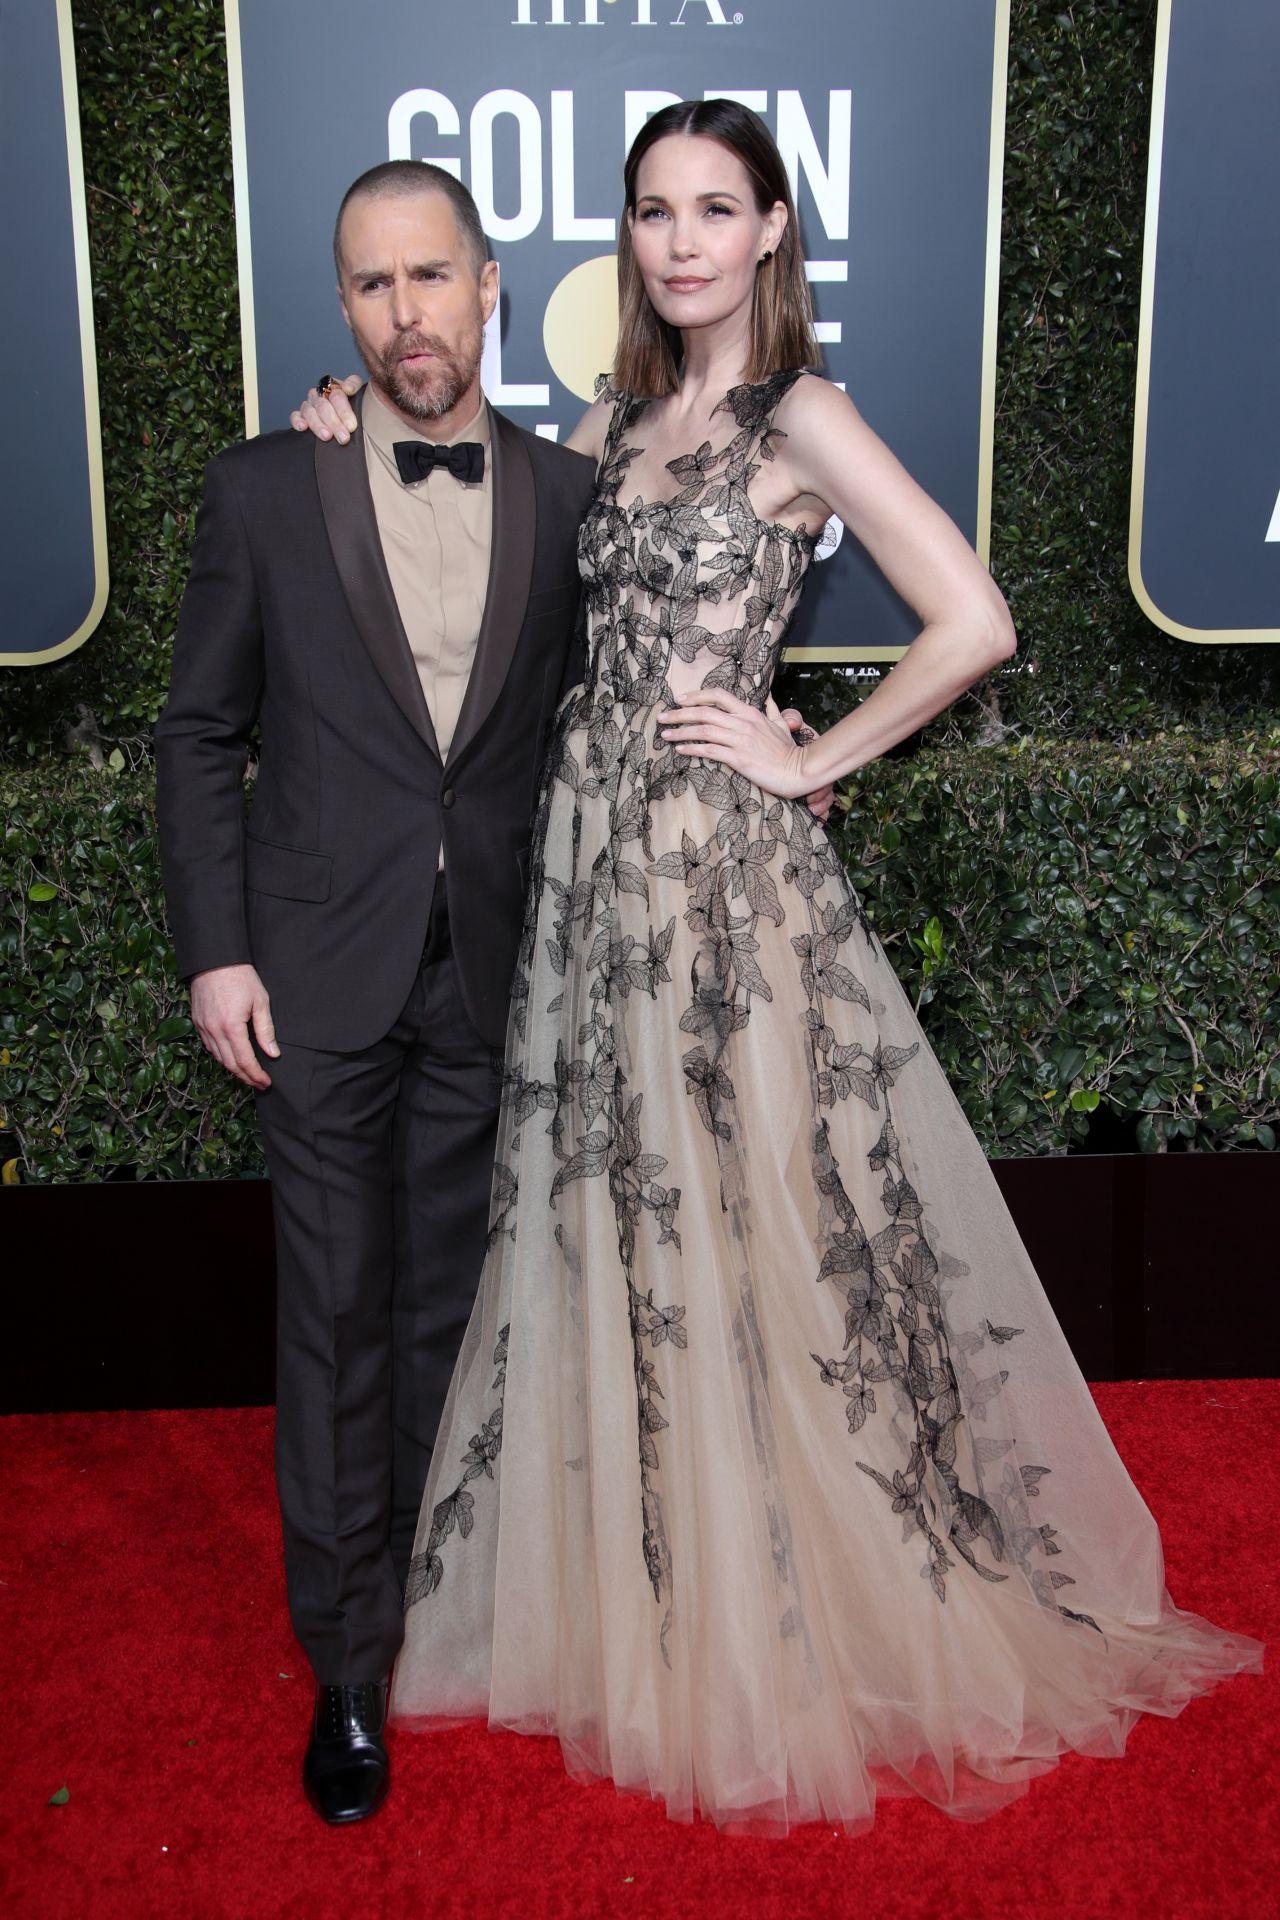 Leslie Bibb 2019 Golden Globe Awards Red Carpet